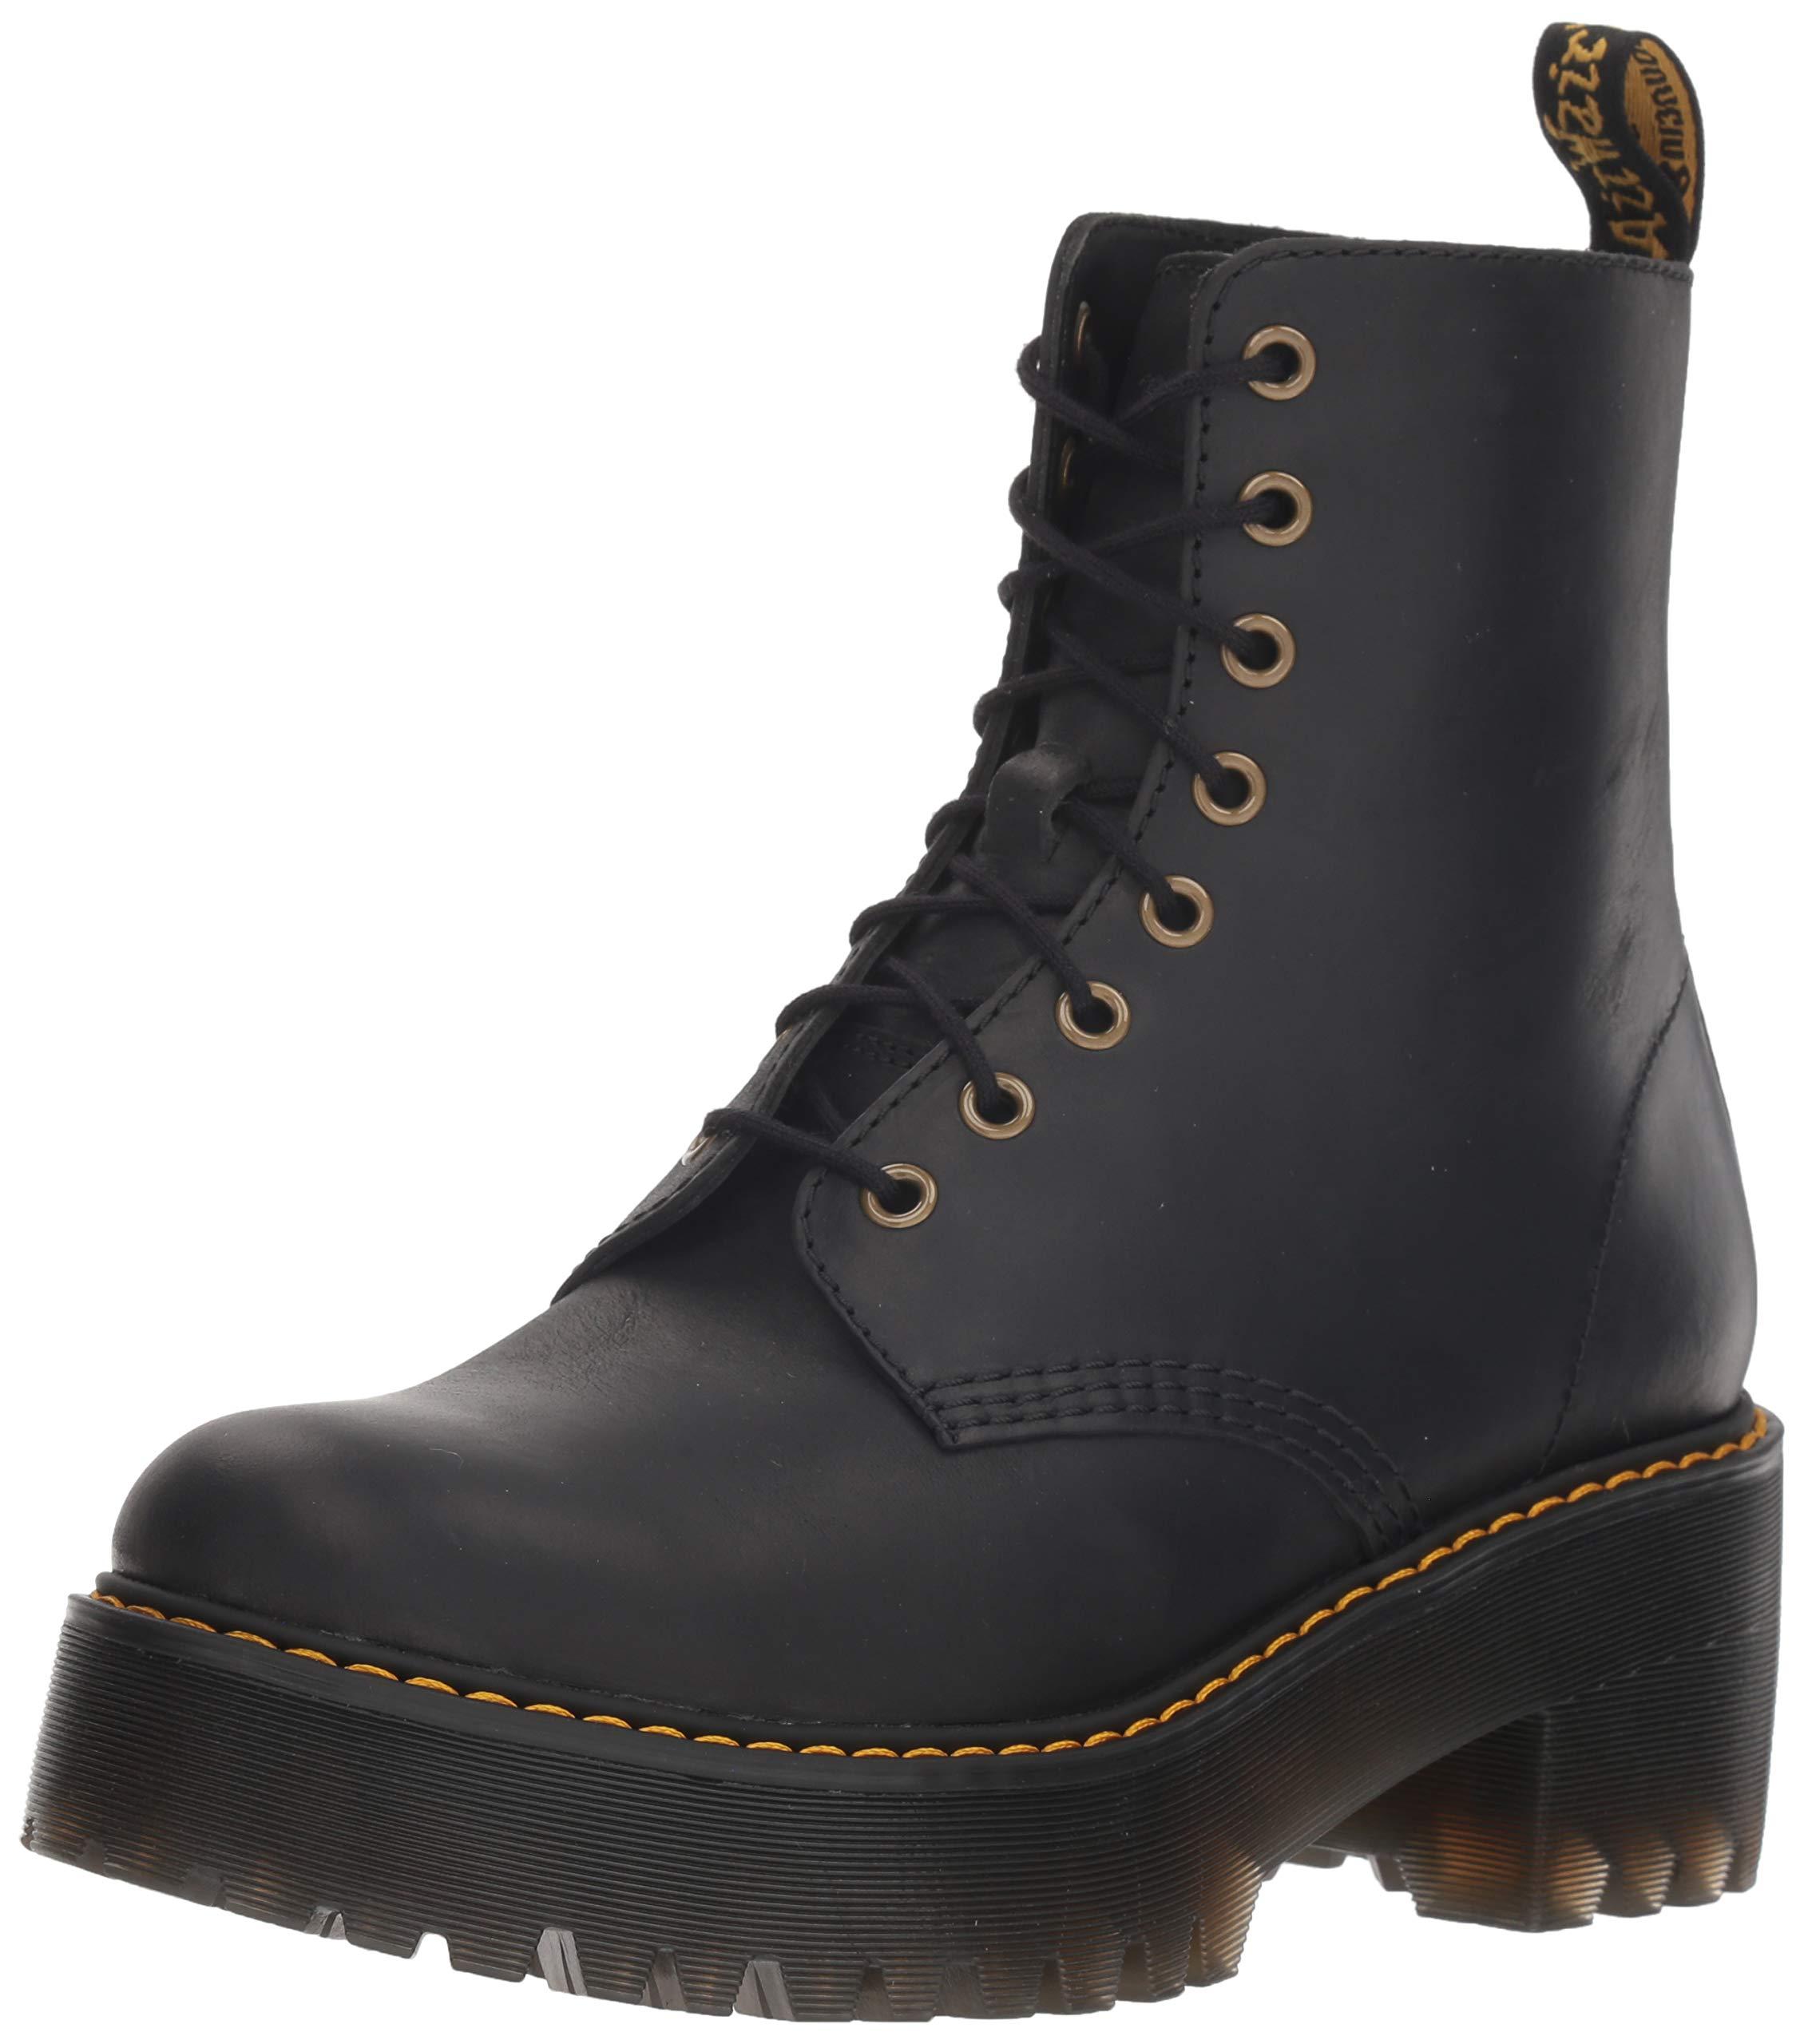 Dr. Martens Shriver Hi Fashion Boot, Black, US Women's 7 by Dr. Martens